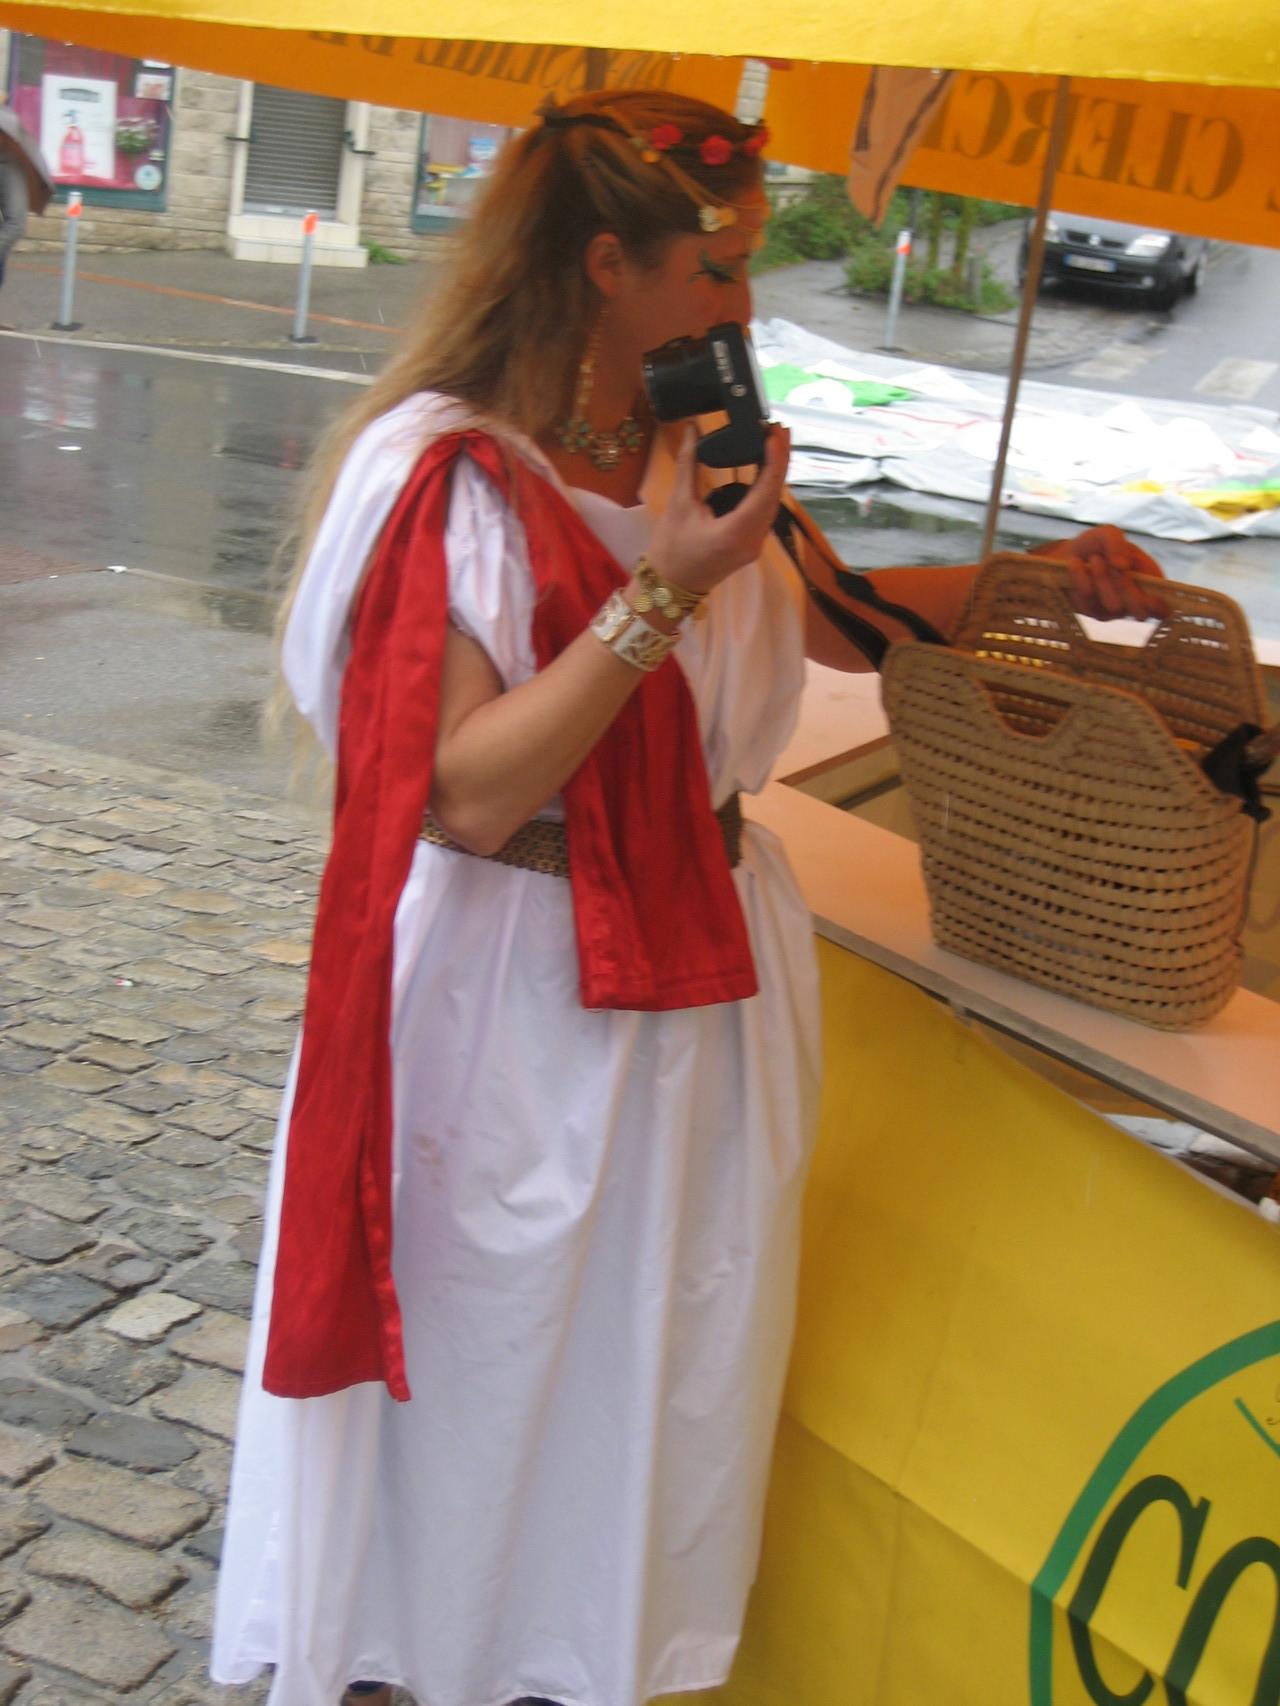 La Romaine prépare l'appareil photo